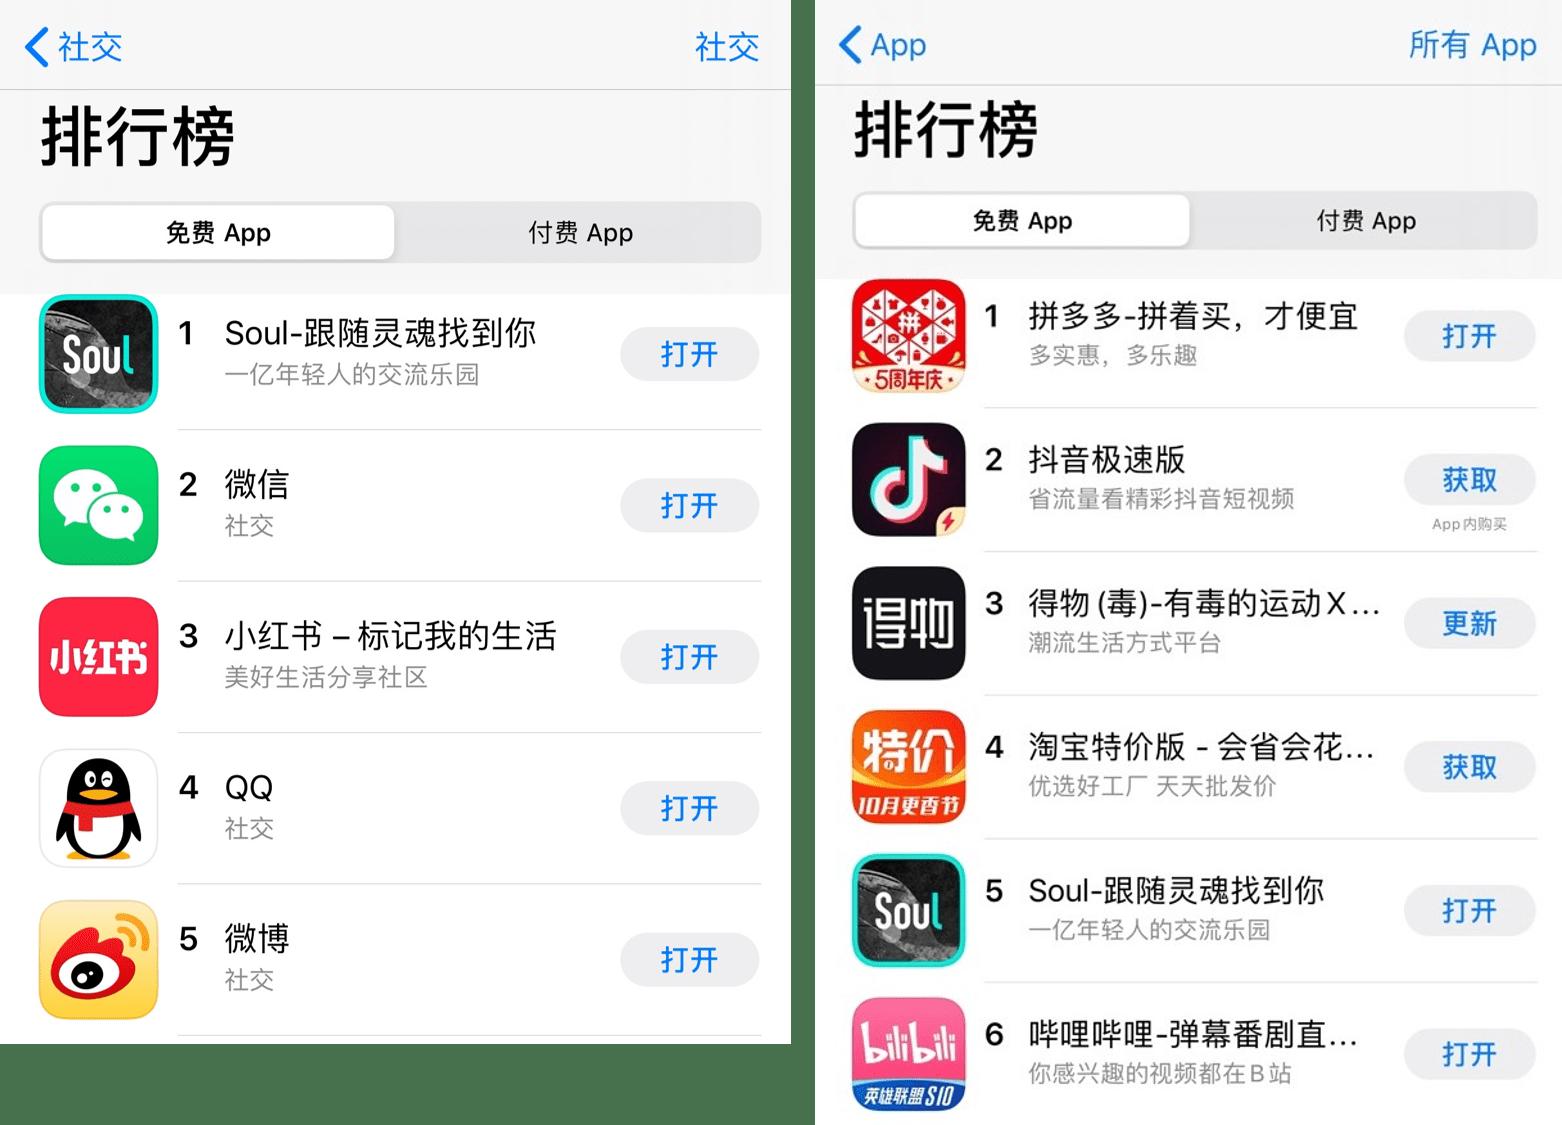 因受追捧而下载激增,Soul国庆登上App Store社交榜首